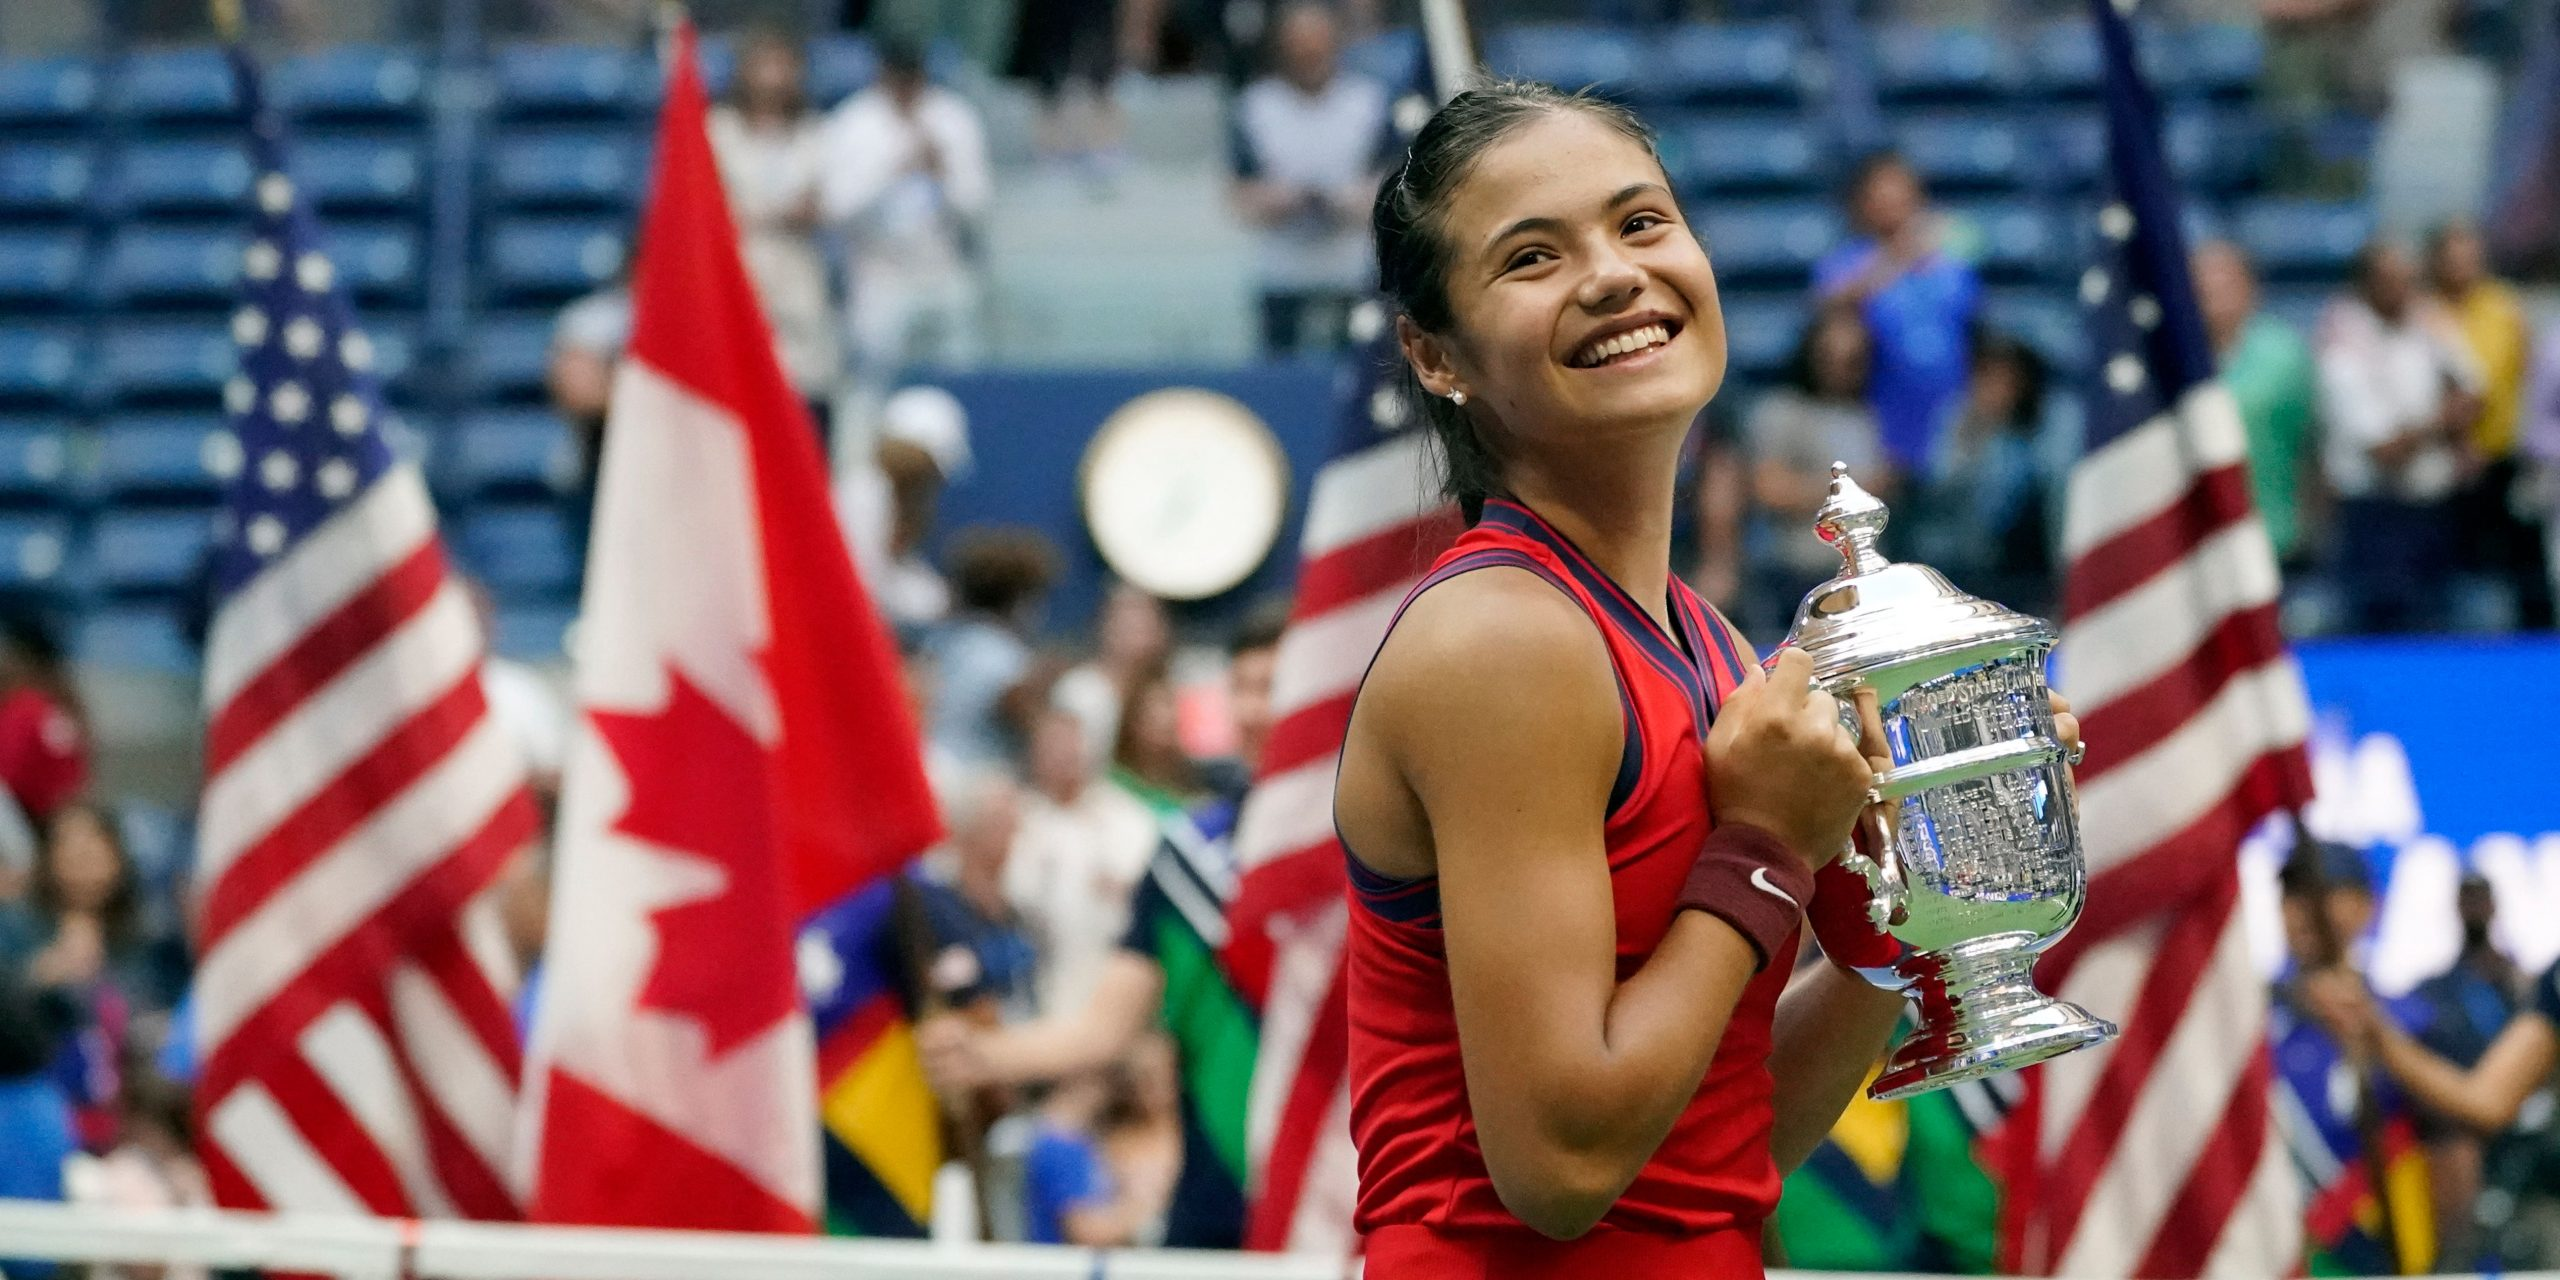 Emma Răducanu scrie istorie. Jucătoarea britanică de origine română a cucerit trofeul de la US Open la doar 18 ani și a doborât o serie de recorduri